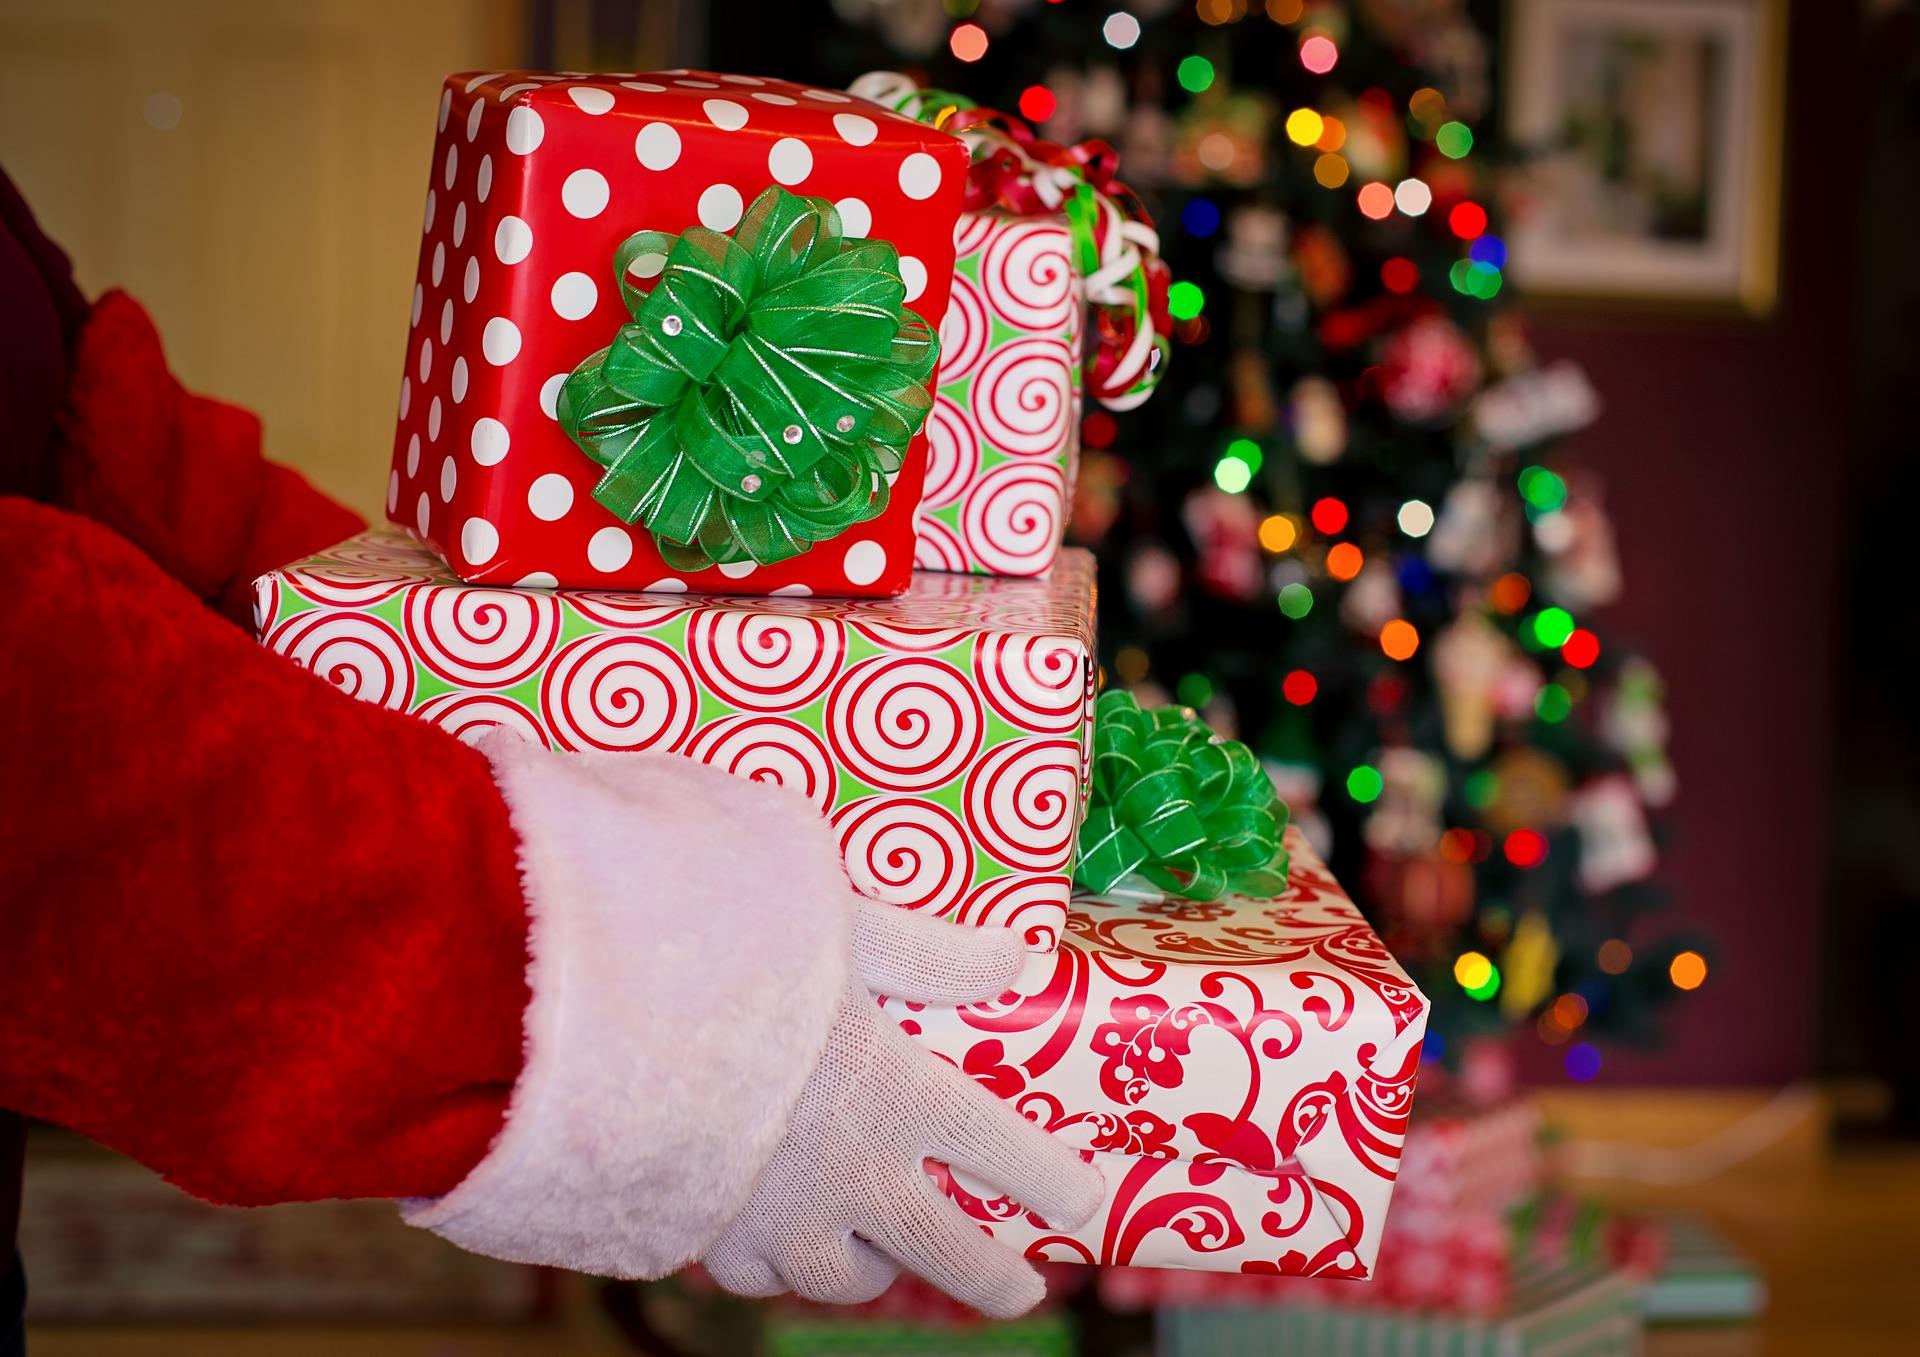 子供が喜ぶクリスマスプレゼントの渡し方は?サンタさんが家にきたような演出をしよう!